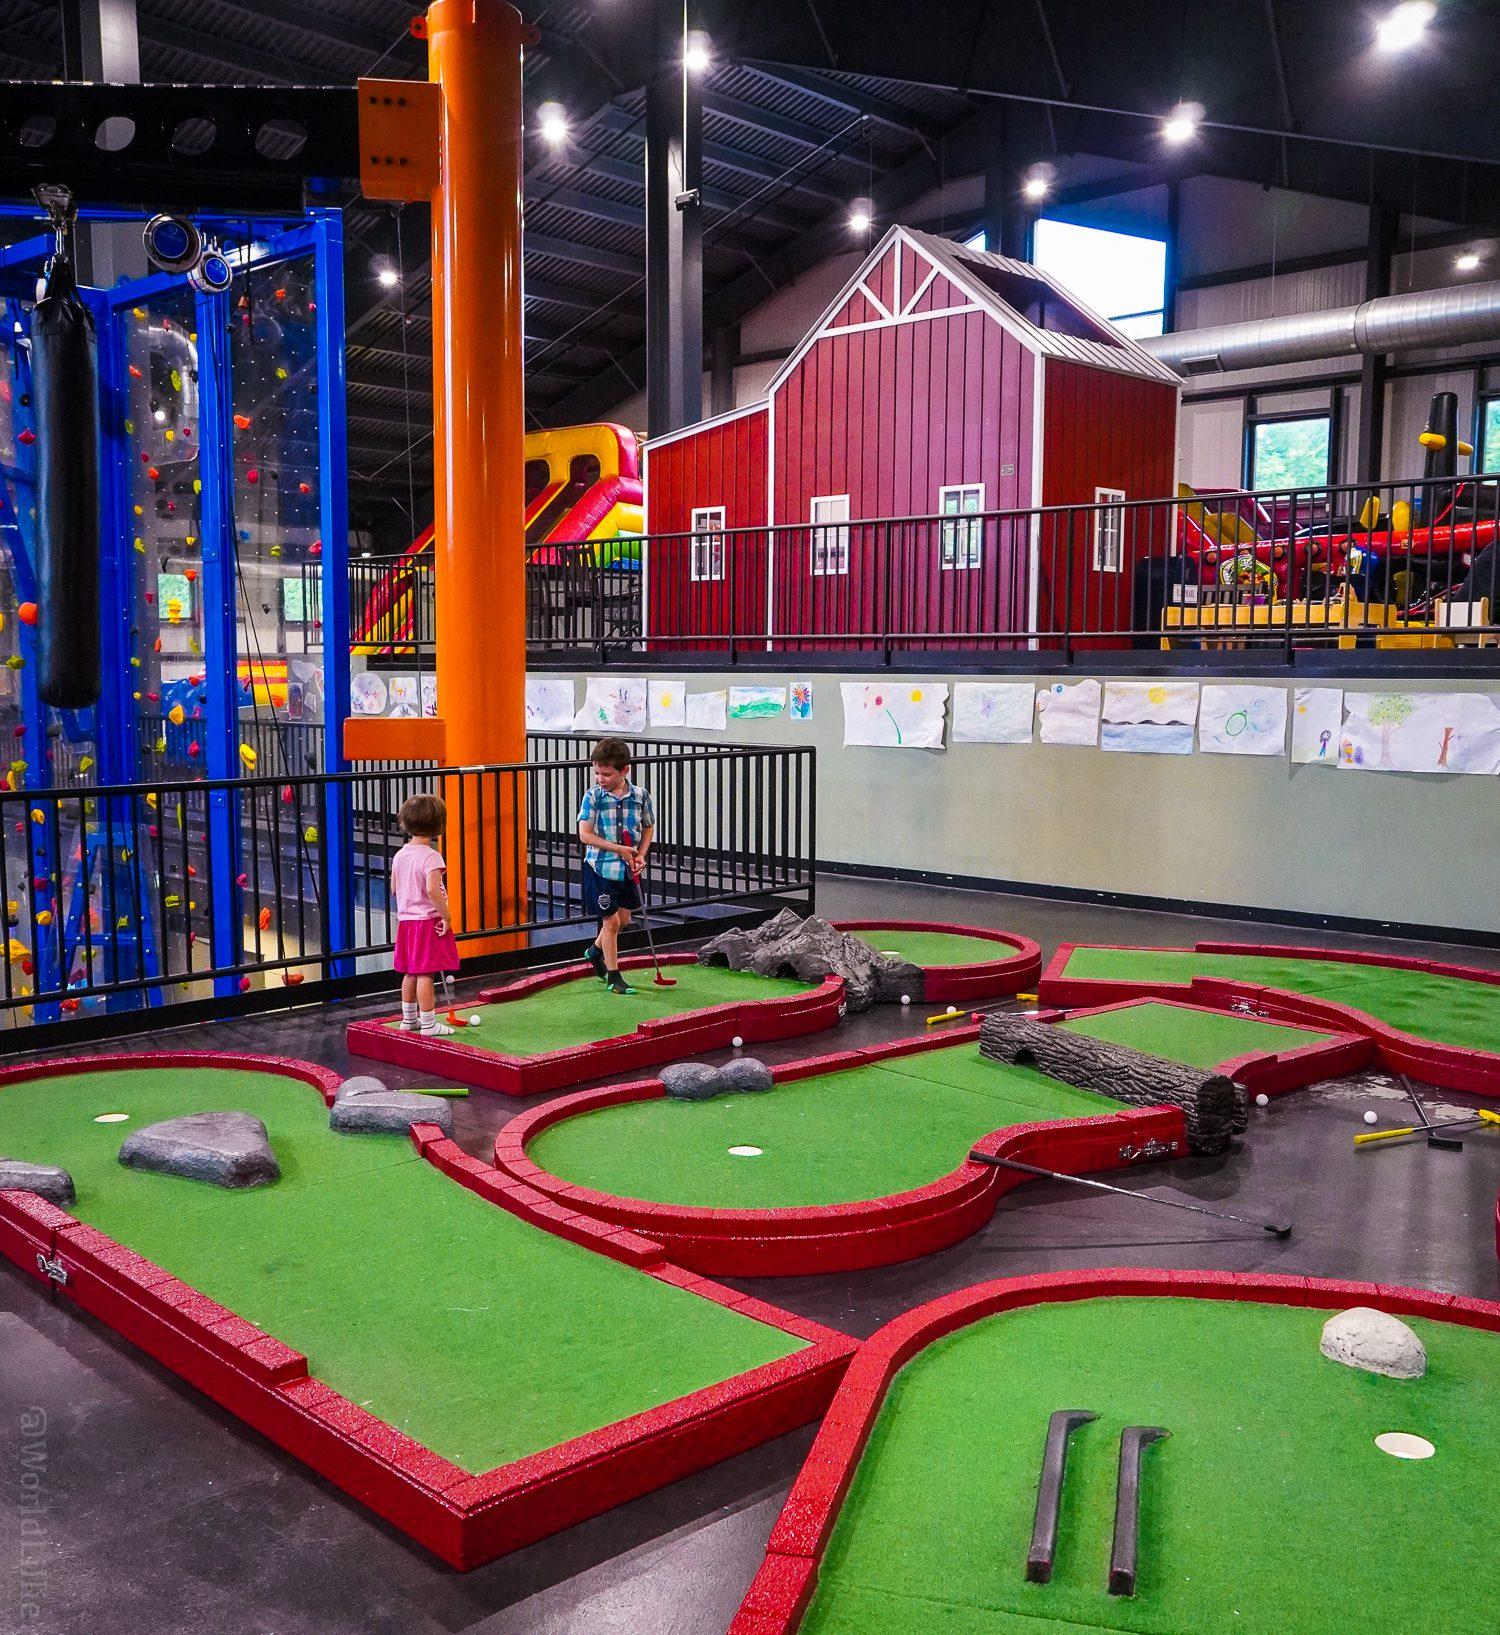 Indoor mini-golf at FunZone 2.0.